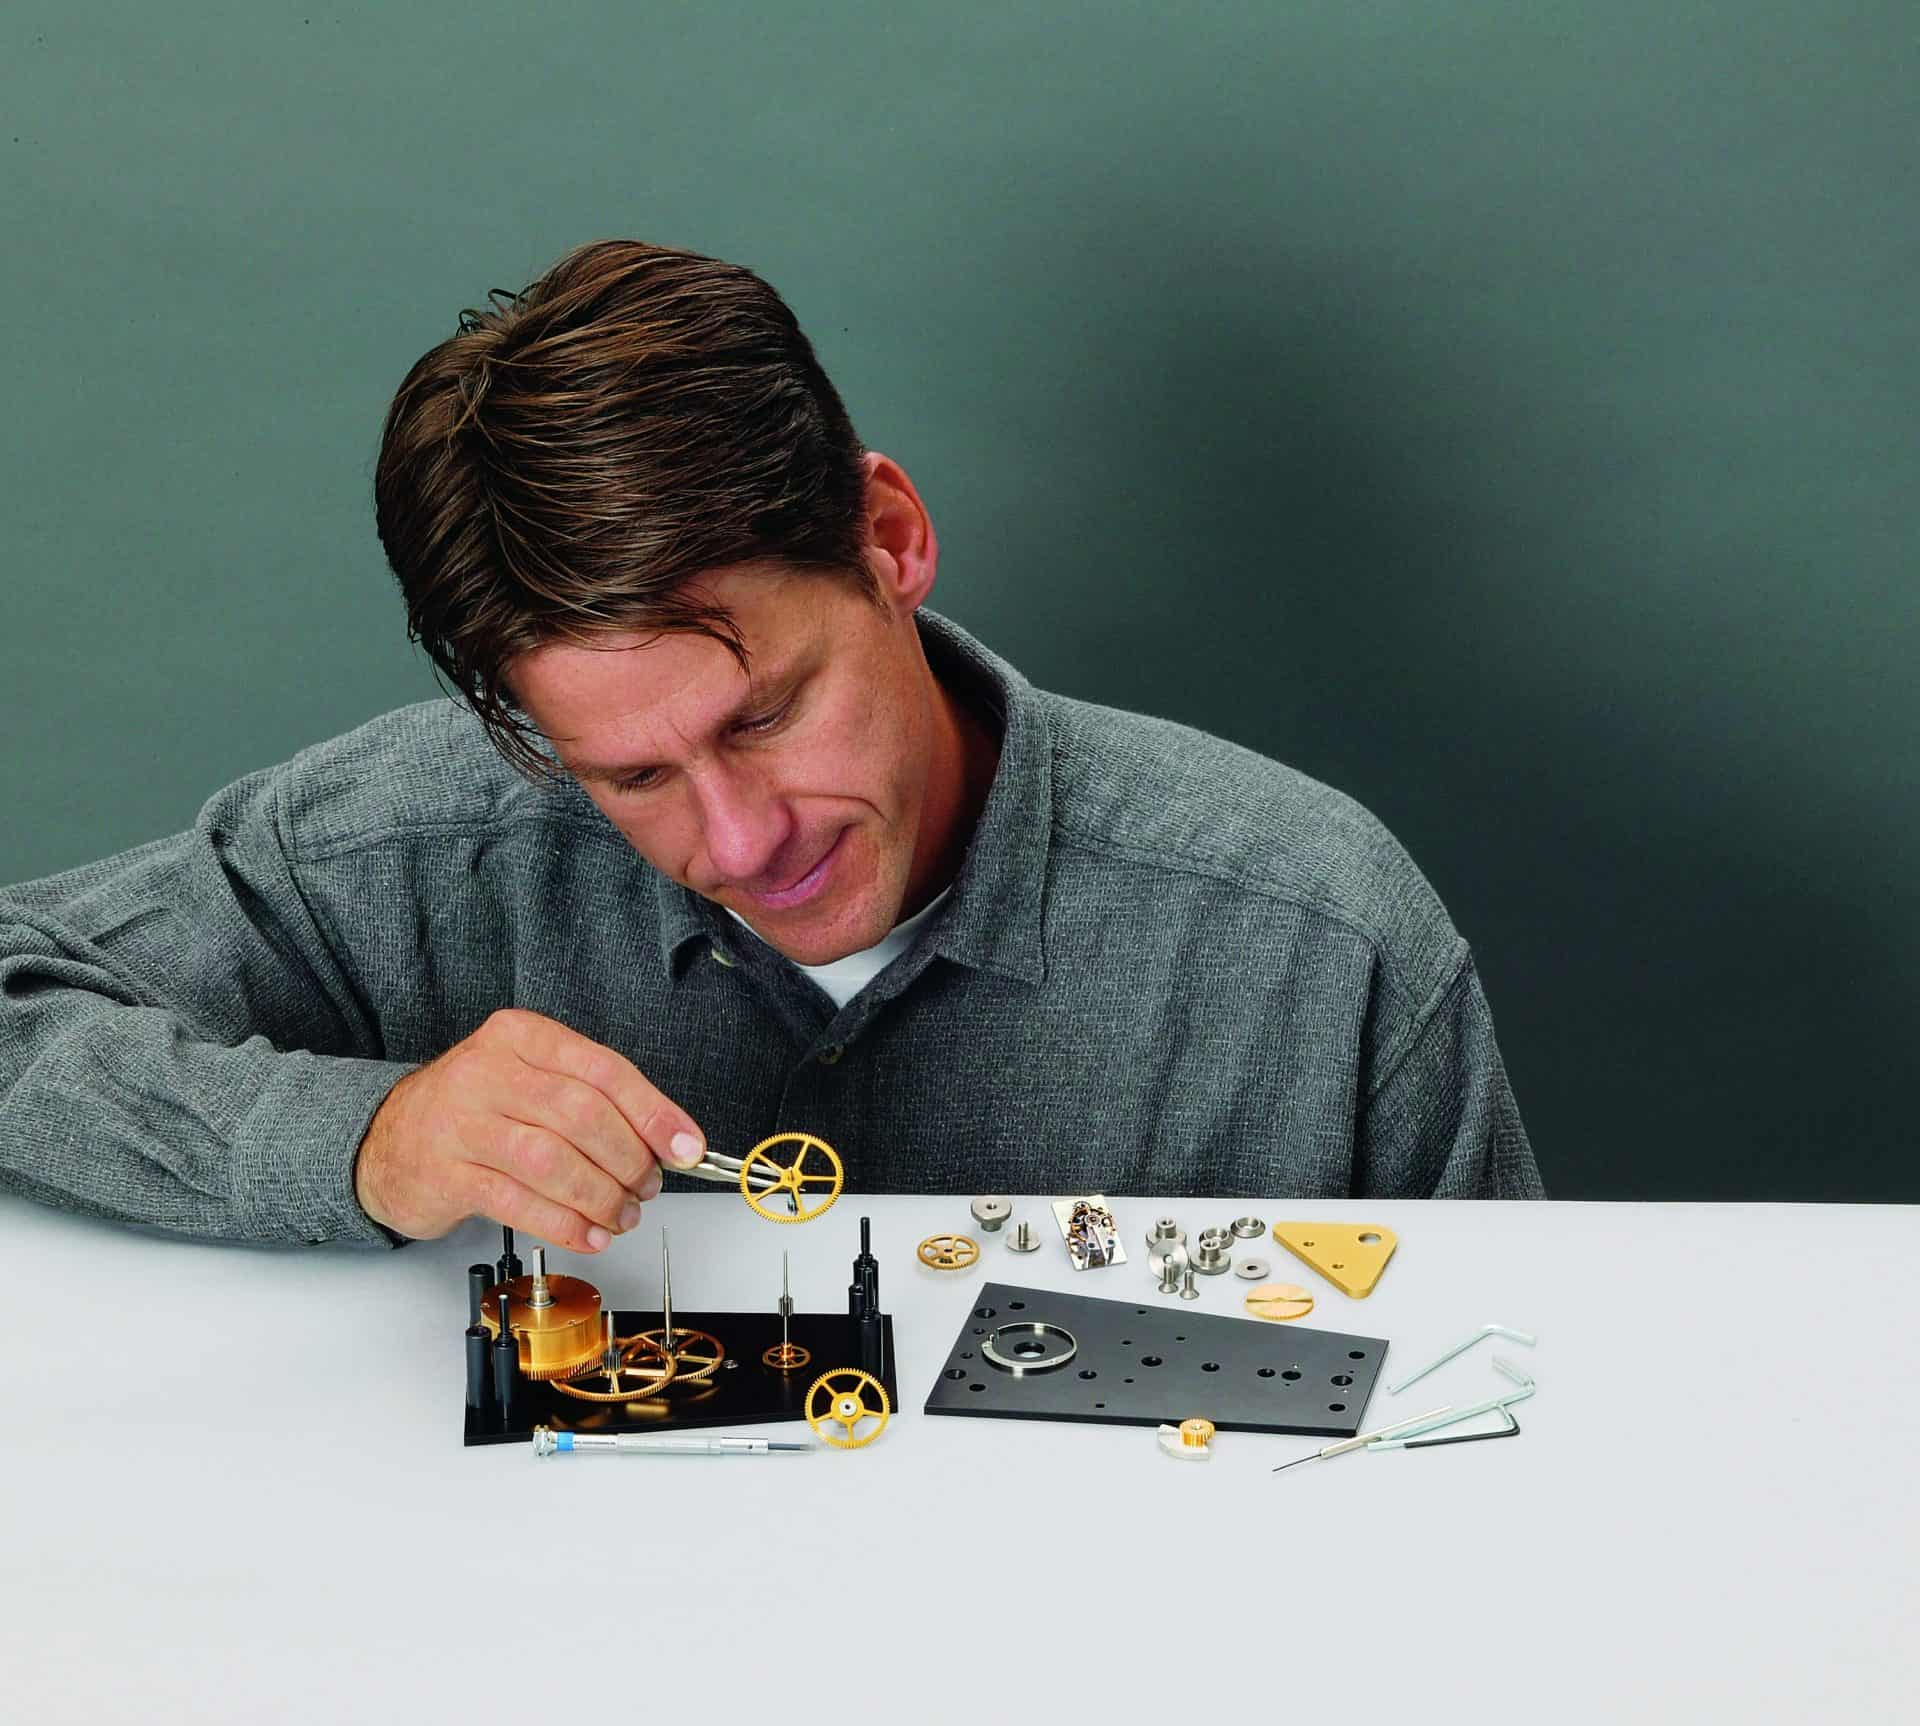 Mitinhaber Jürgen Kohler und das Uhrwerk des erfolgreichen Uhrenbausatzes M2